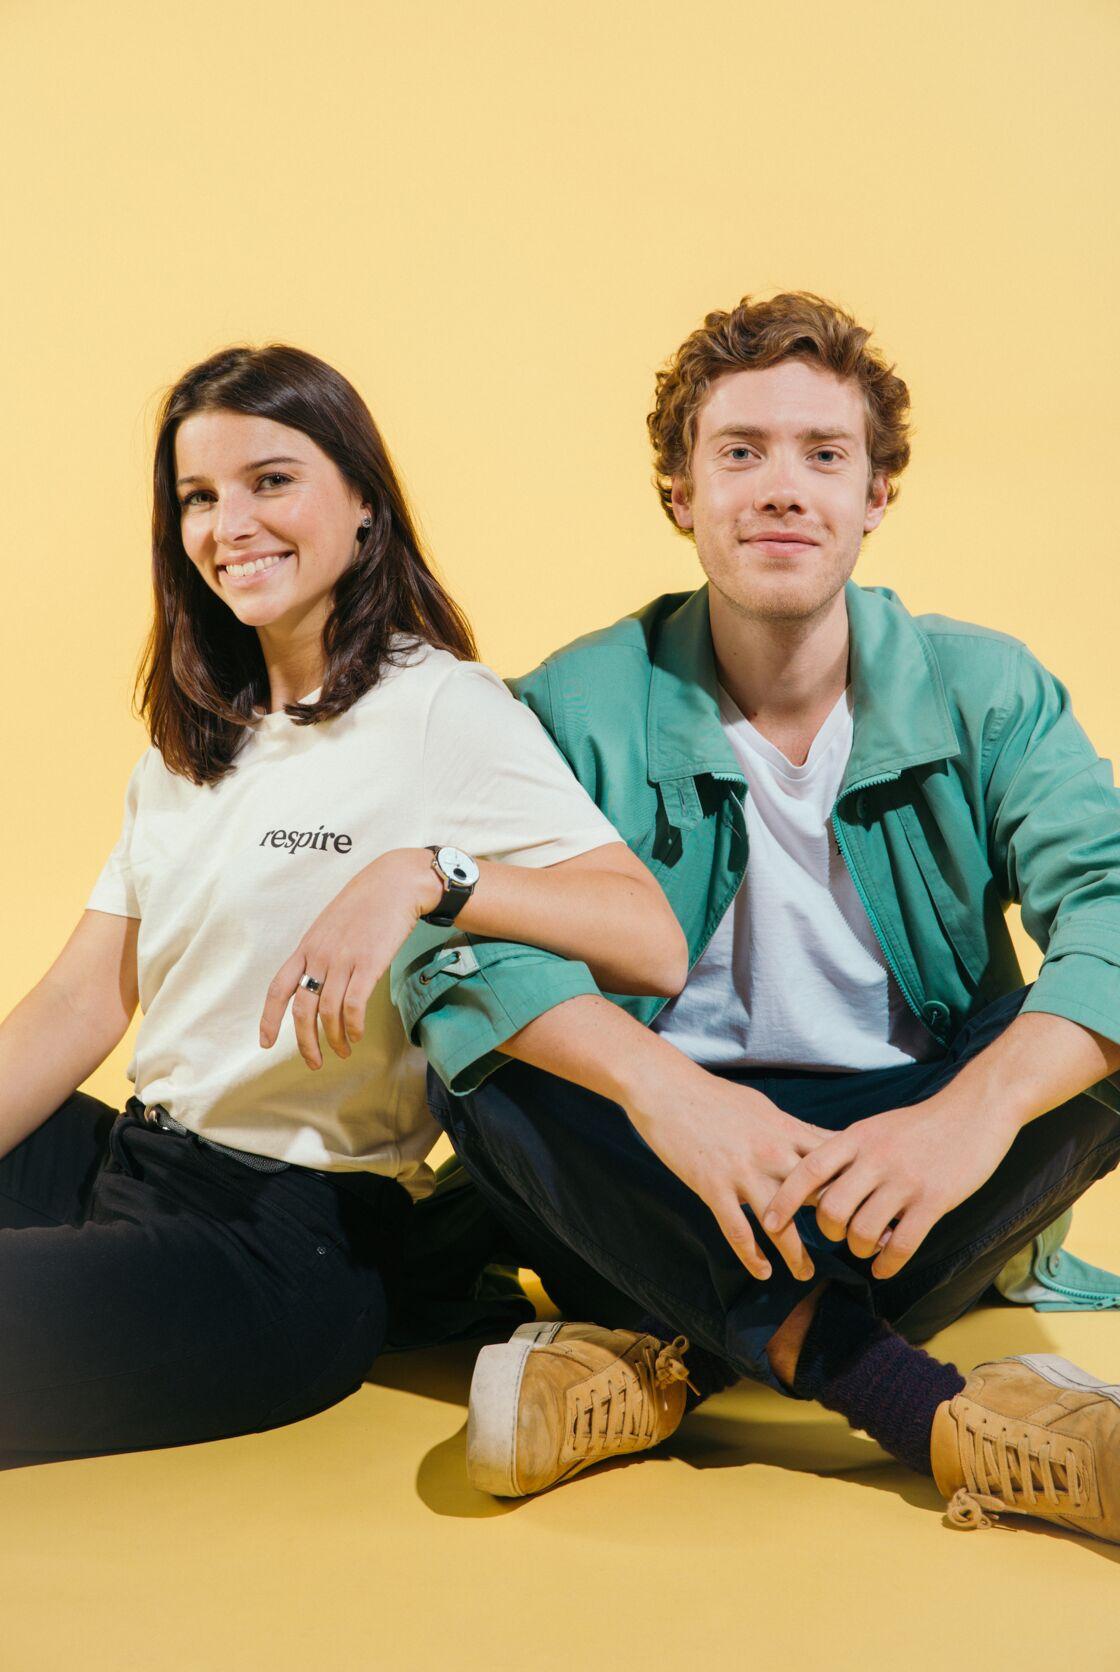 Justine hutteau et Thomas Meheut, son associé pour lancer Respire. Ils se sont rencontrés en école de commerce.